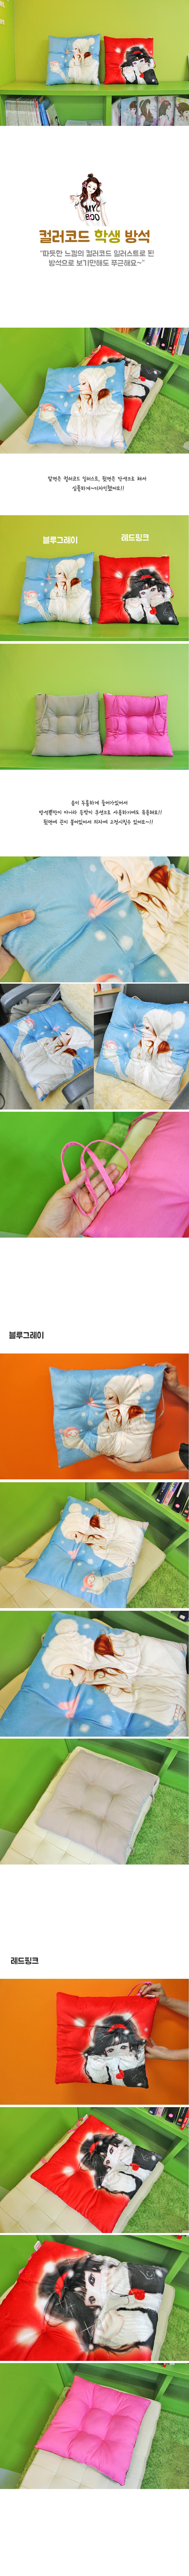 컬러코드 학생방석 - 캐릭터타운, 13,000원, 방석, 캐릭터